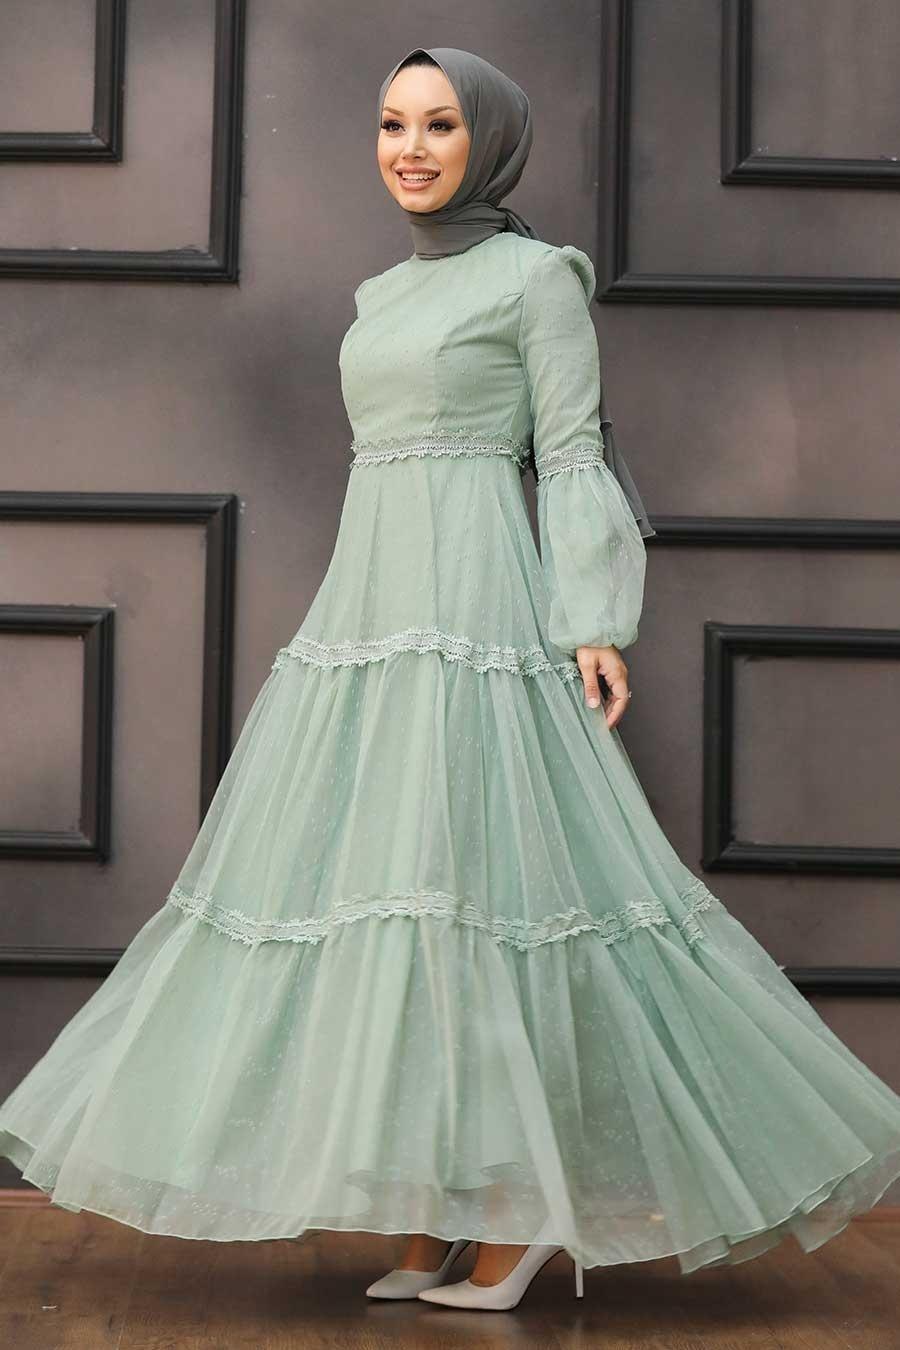 Tesettürlü Abiye Elbise - Dantel Detaylı Mint Tesettür Abiye Elbise 2335MINT